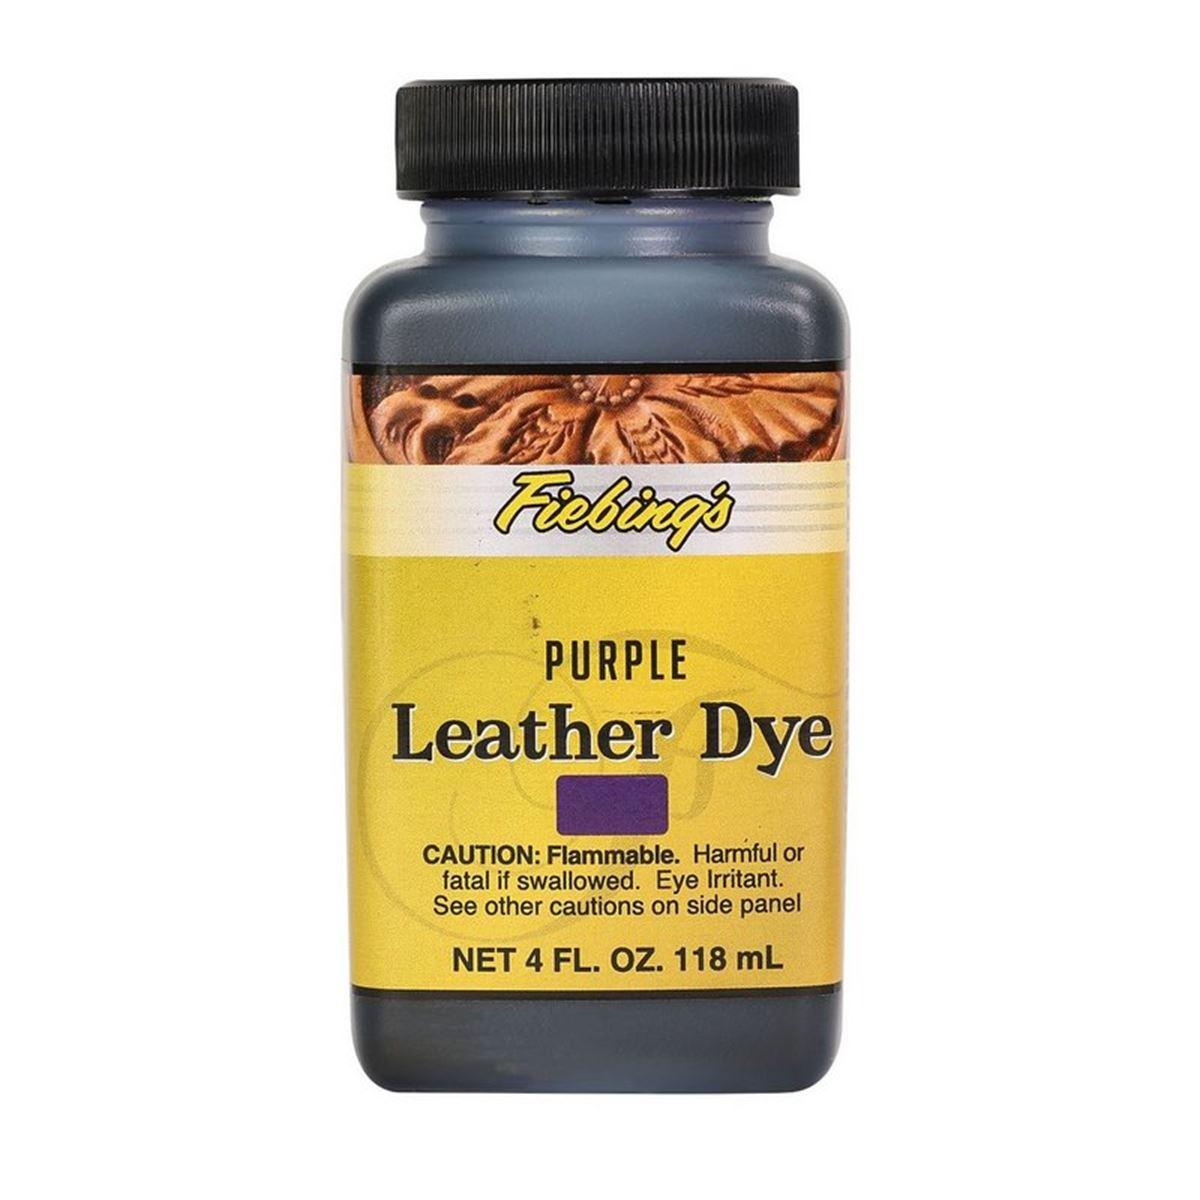 Teinture pour cuir FIEBING'S Leather dye - VIOLET - PURPLE